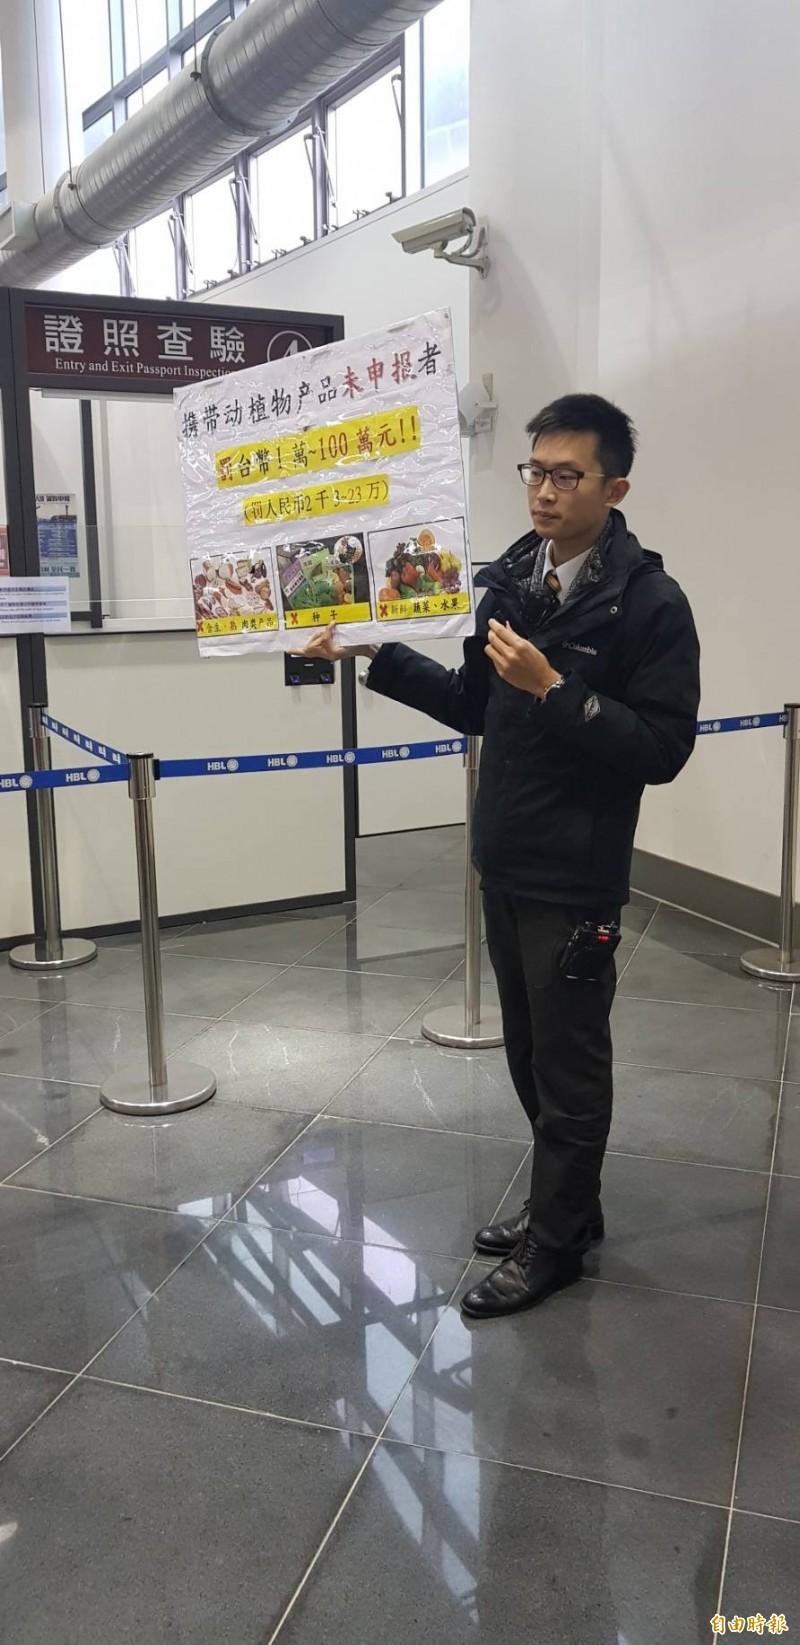 為了避免入境旅客攜帶違規食品與物品入境,防檢局人員都會在入境處廣播提醒民眾檢查行李,現場也有文字與圖片警示,避免民眾觸法挨罰。(資料照,記者俞肇福攝)